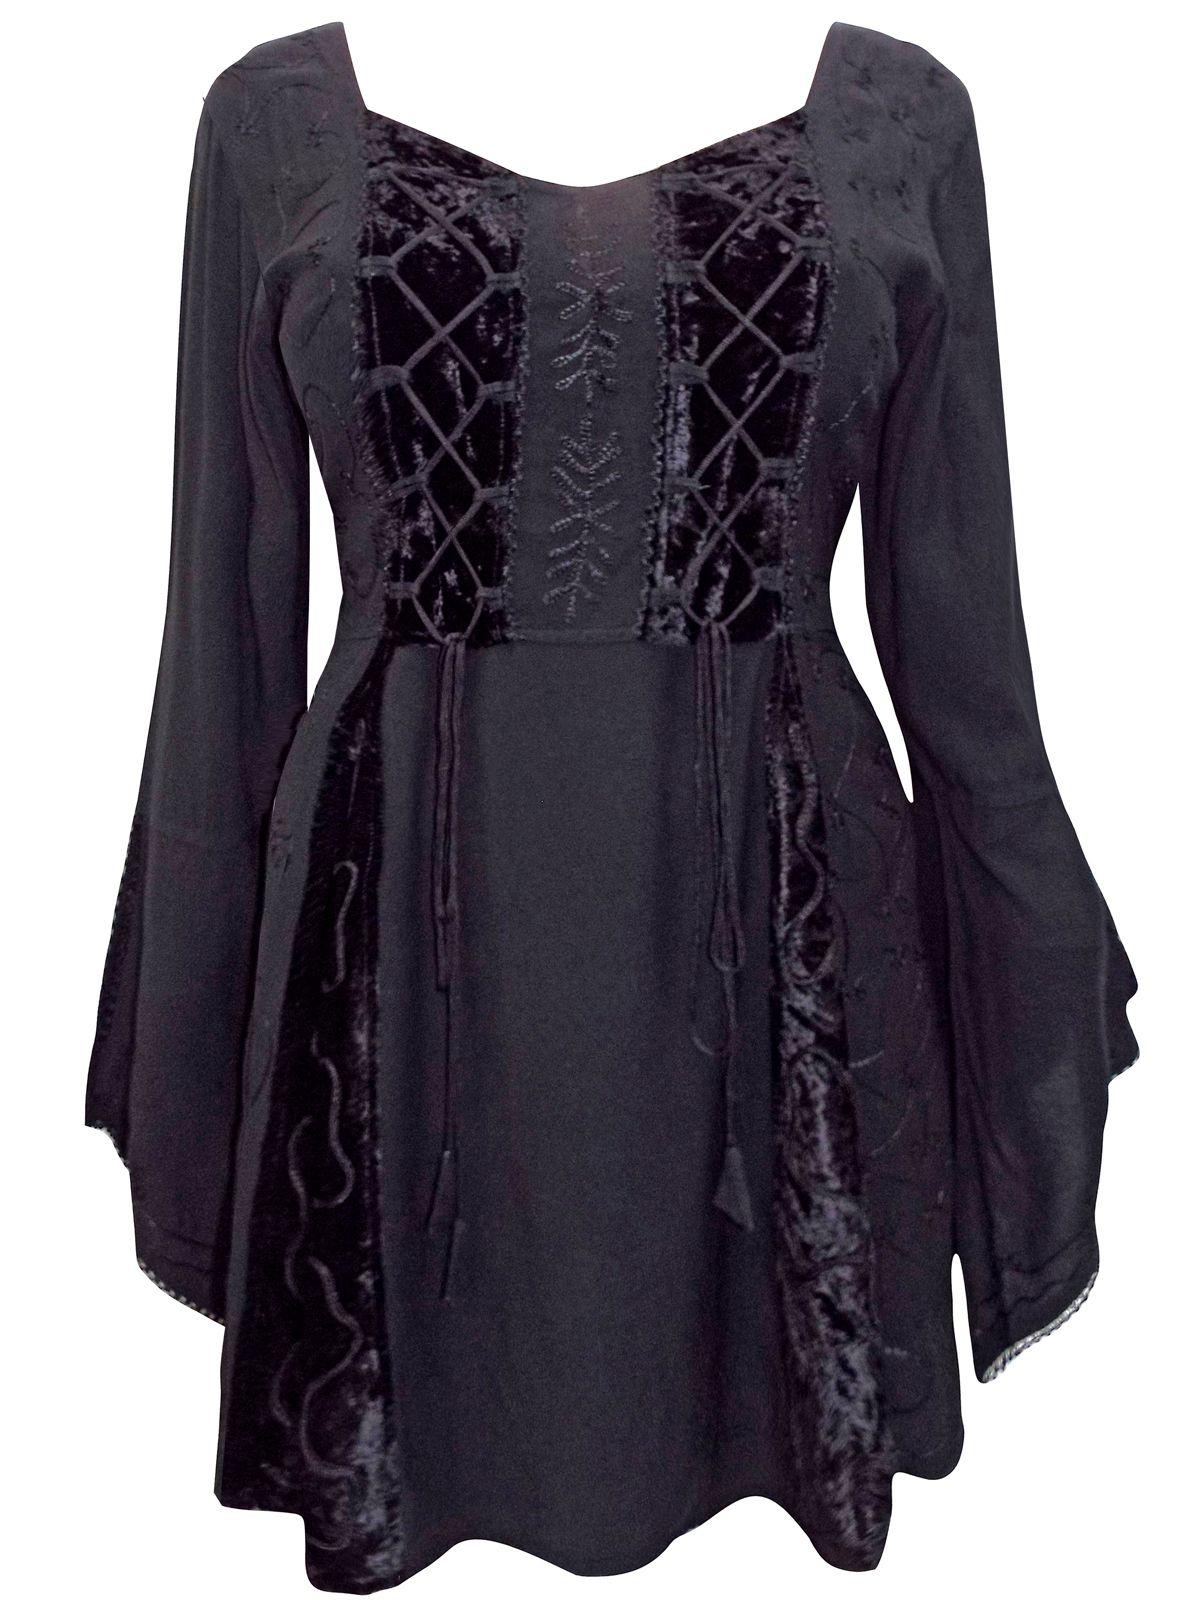 Renaissance gothic plus size dresses